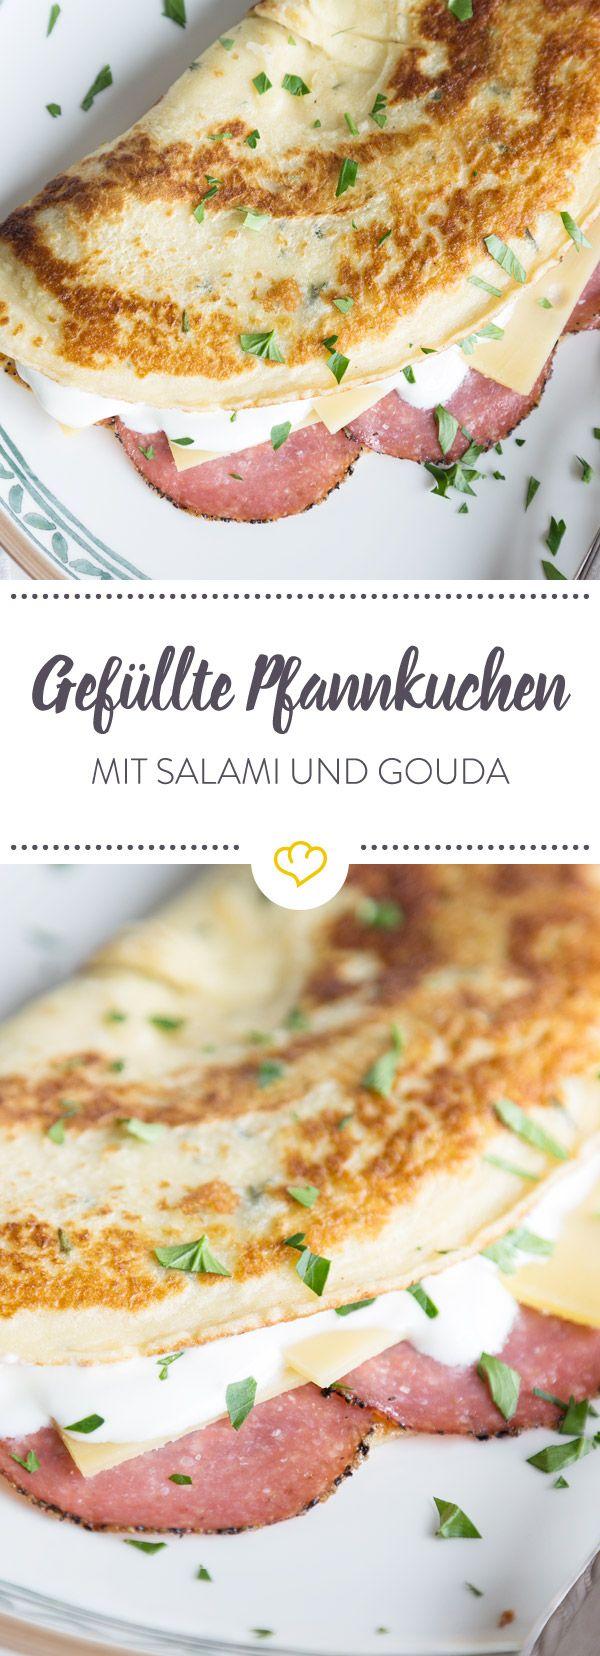 Gefüllte Pfannkuchen mit Salami und Käse